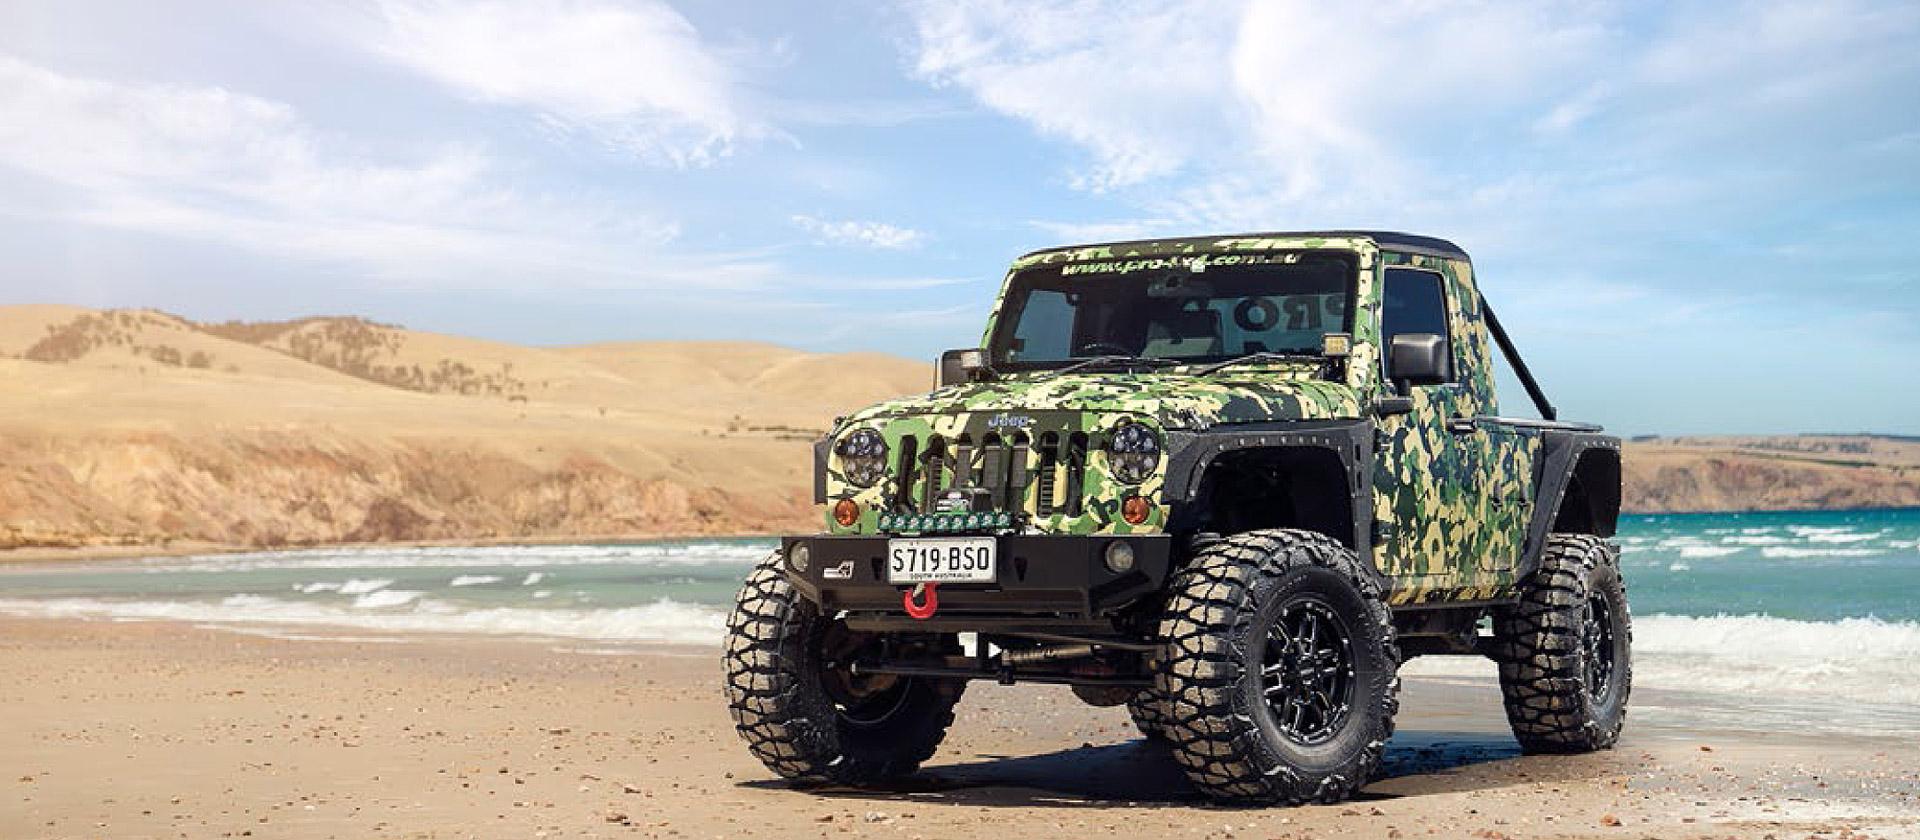 Jeep Wragler Patriot 4x4 wheel